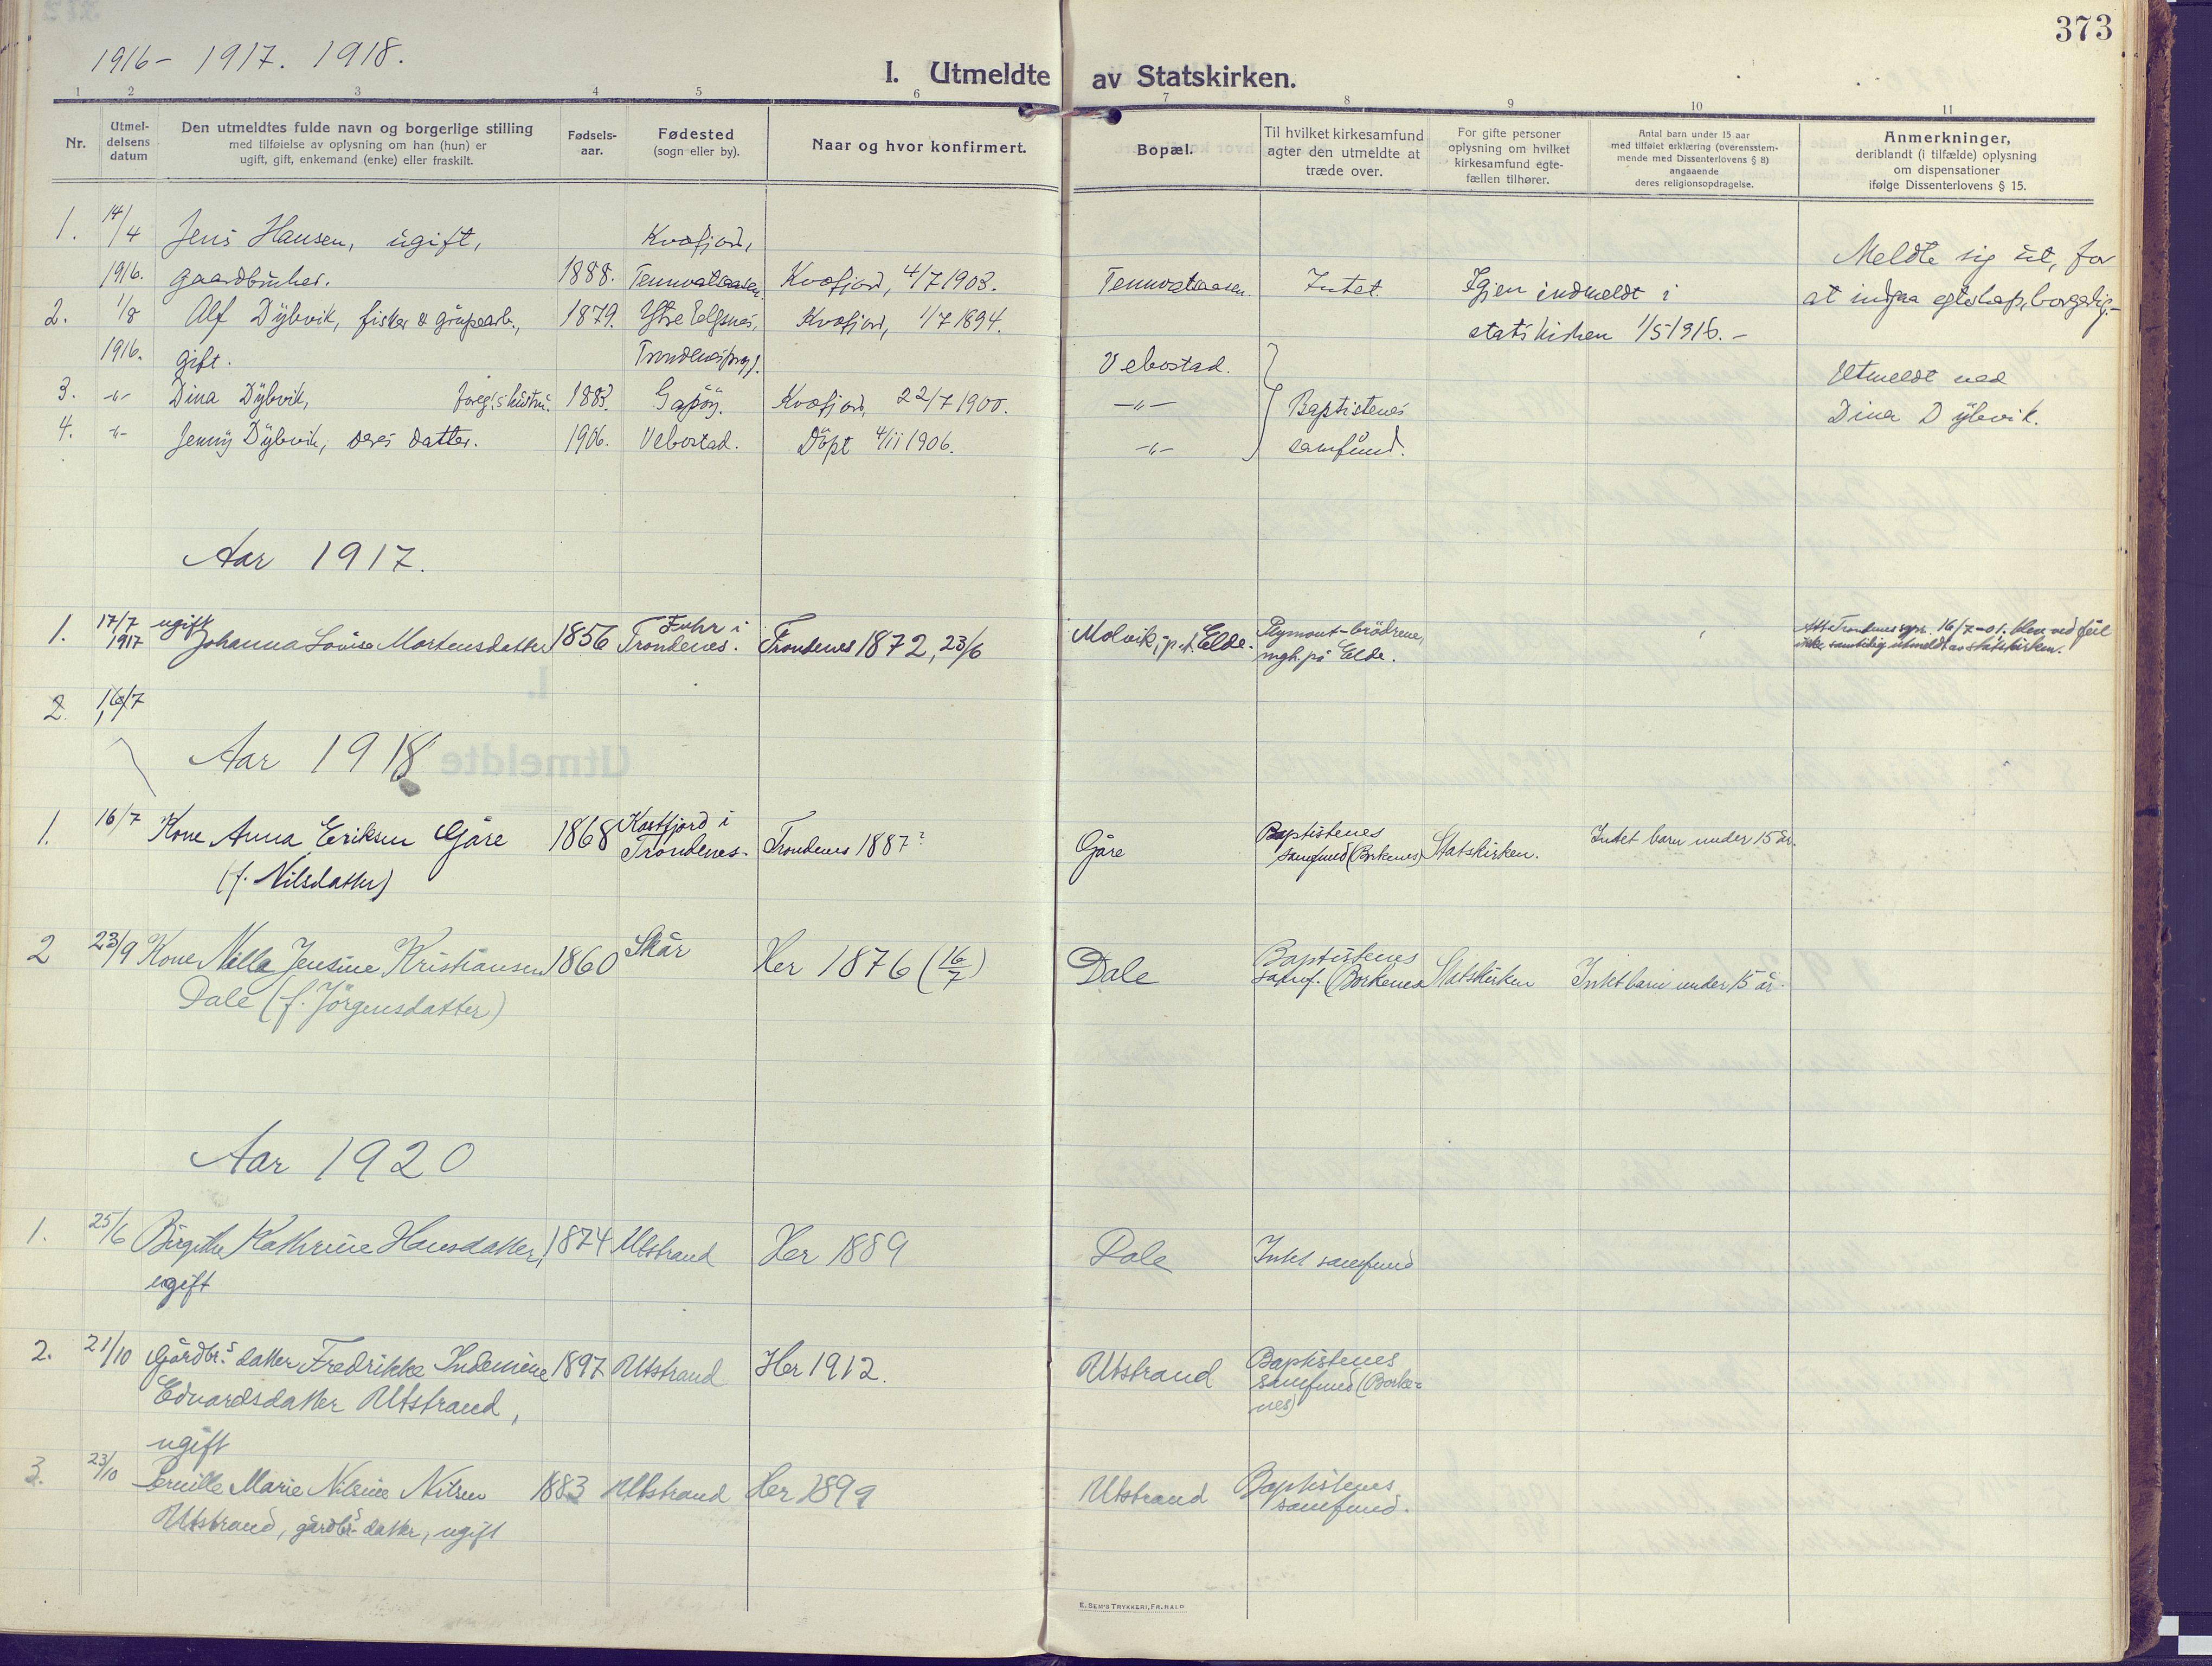 SATØ, Kvæfjord sokneprestkontor, G/Ga/Gaa/L0007kirke: Ministerialbok nr. 7, 1915-1931, s. 373